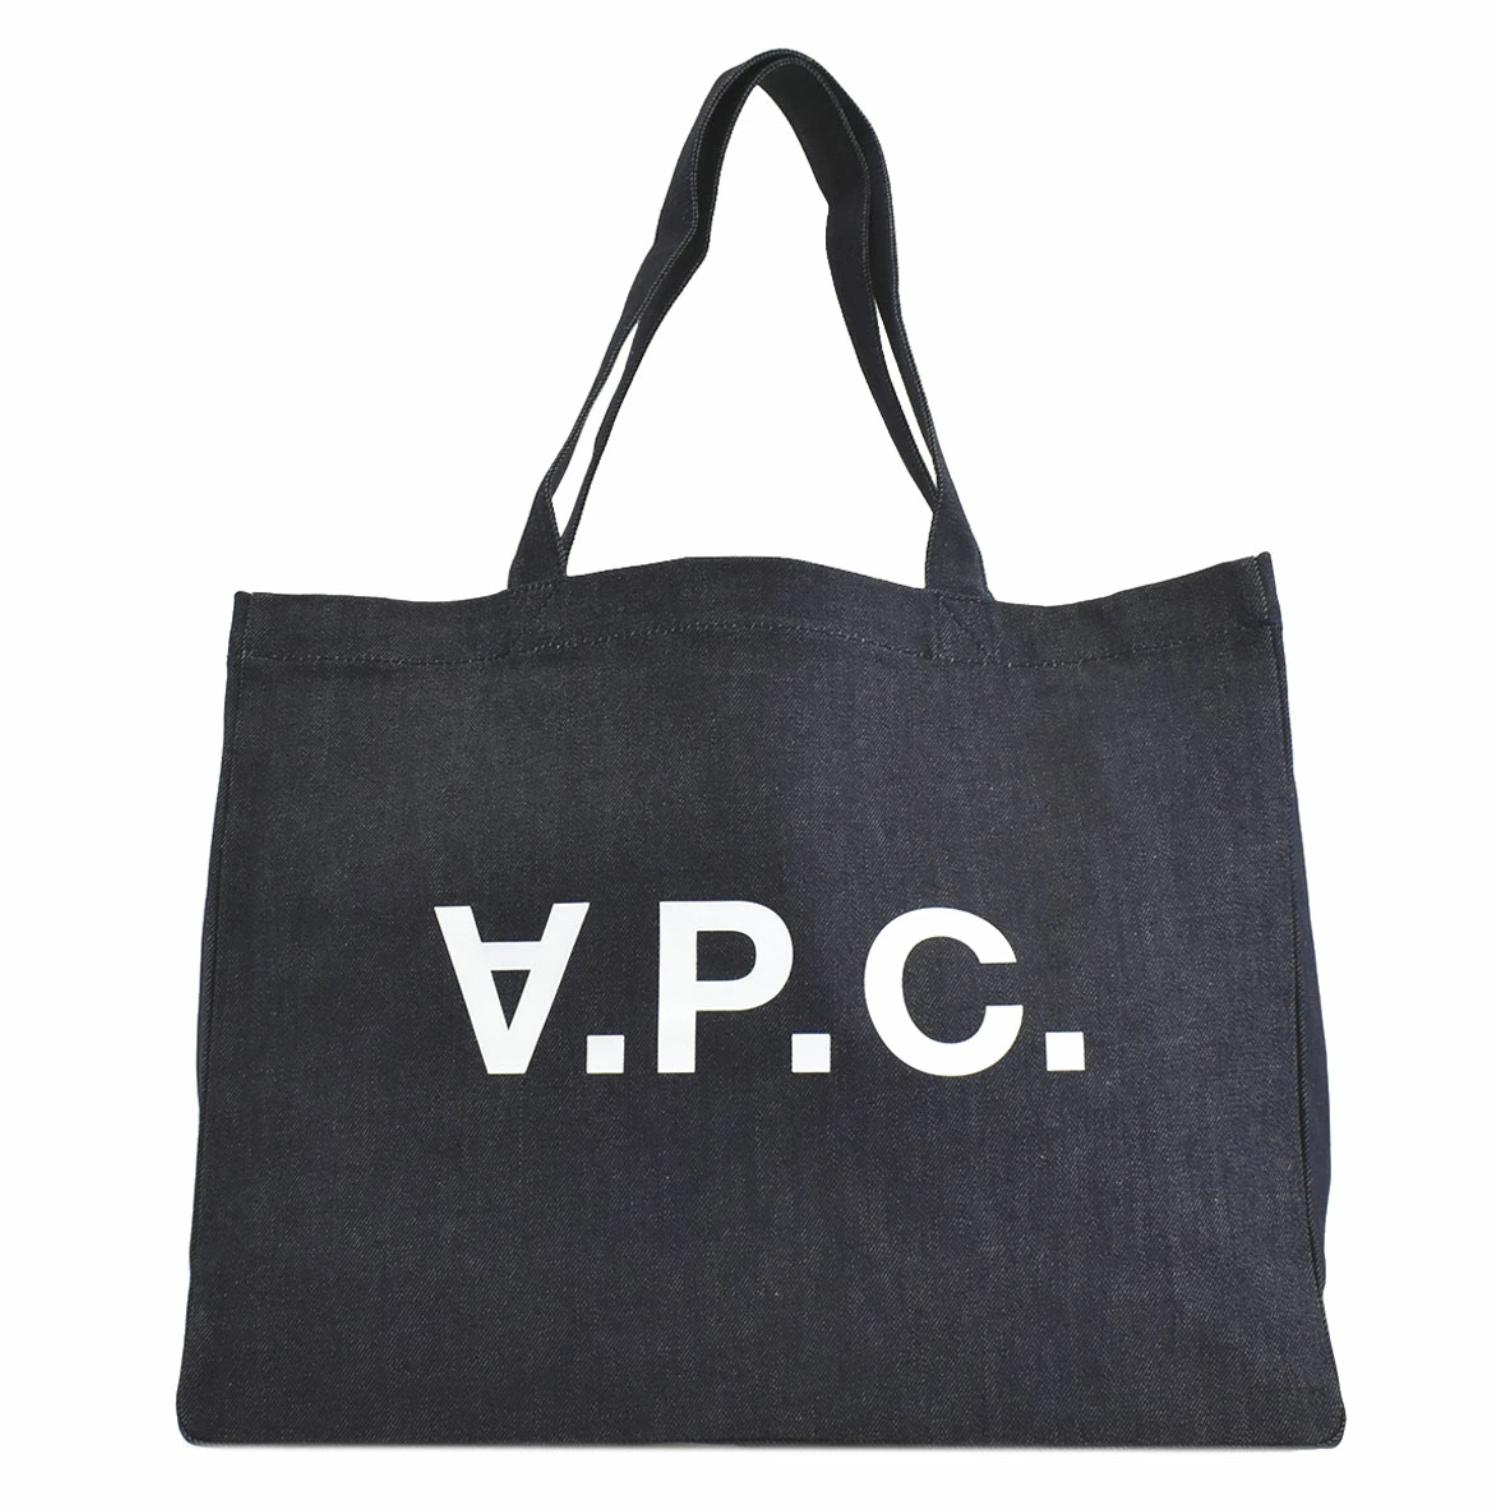 A.P.C.のトートバッグでシンプルスタイルに*